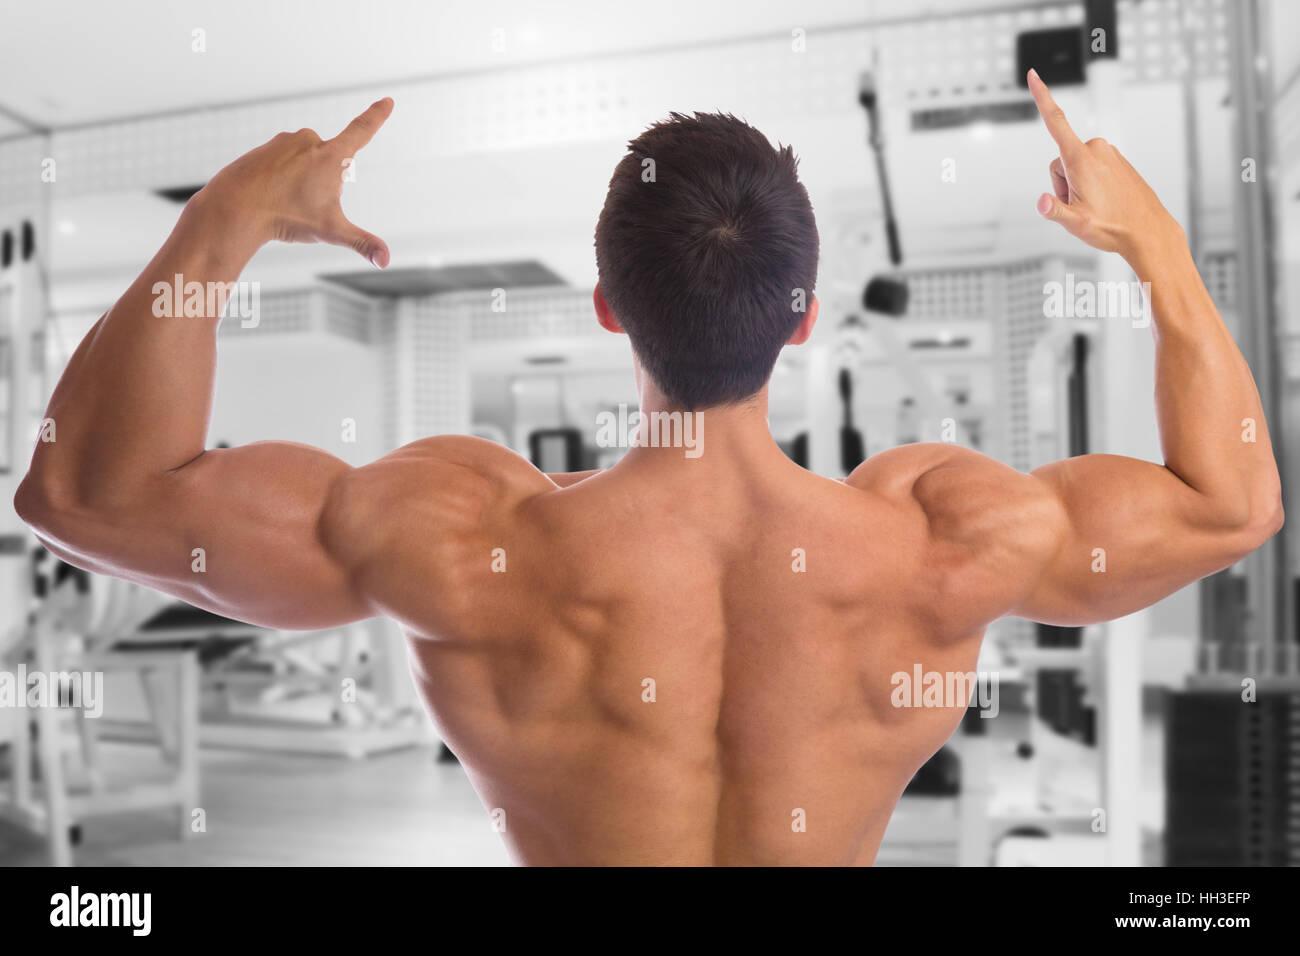 Bodybuilder bodybuilding muscoli indietro palestra forte muscolare studio fitness Foto Stock